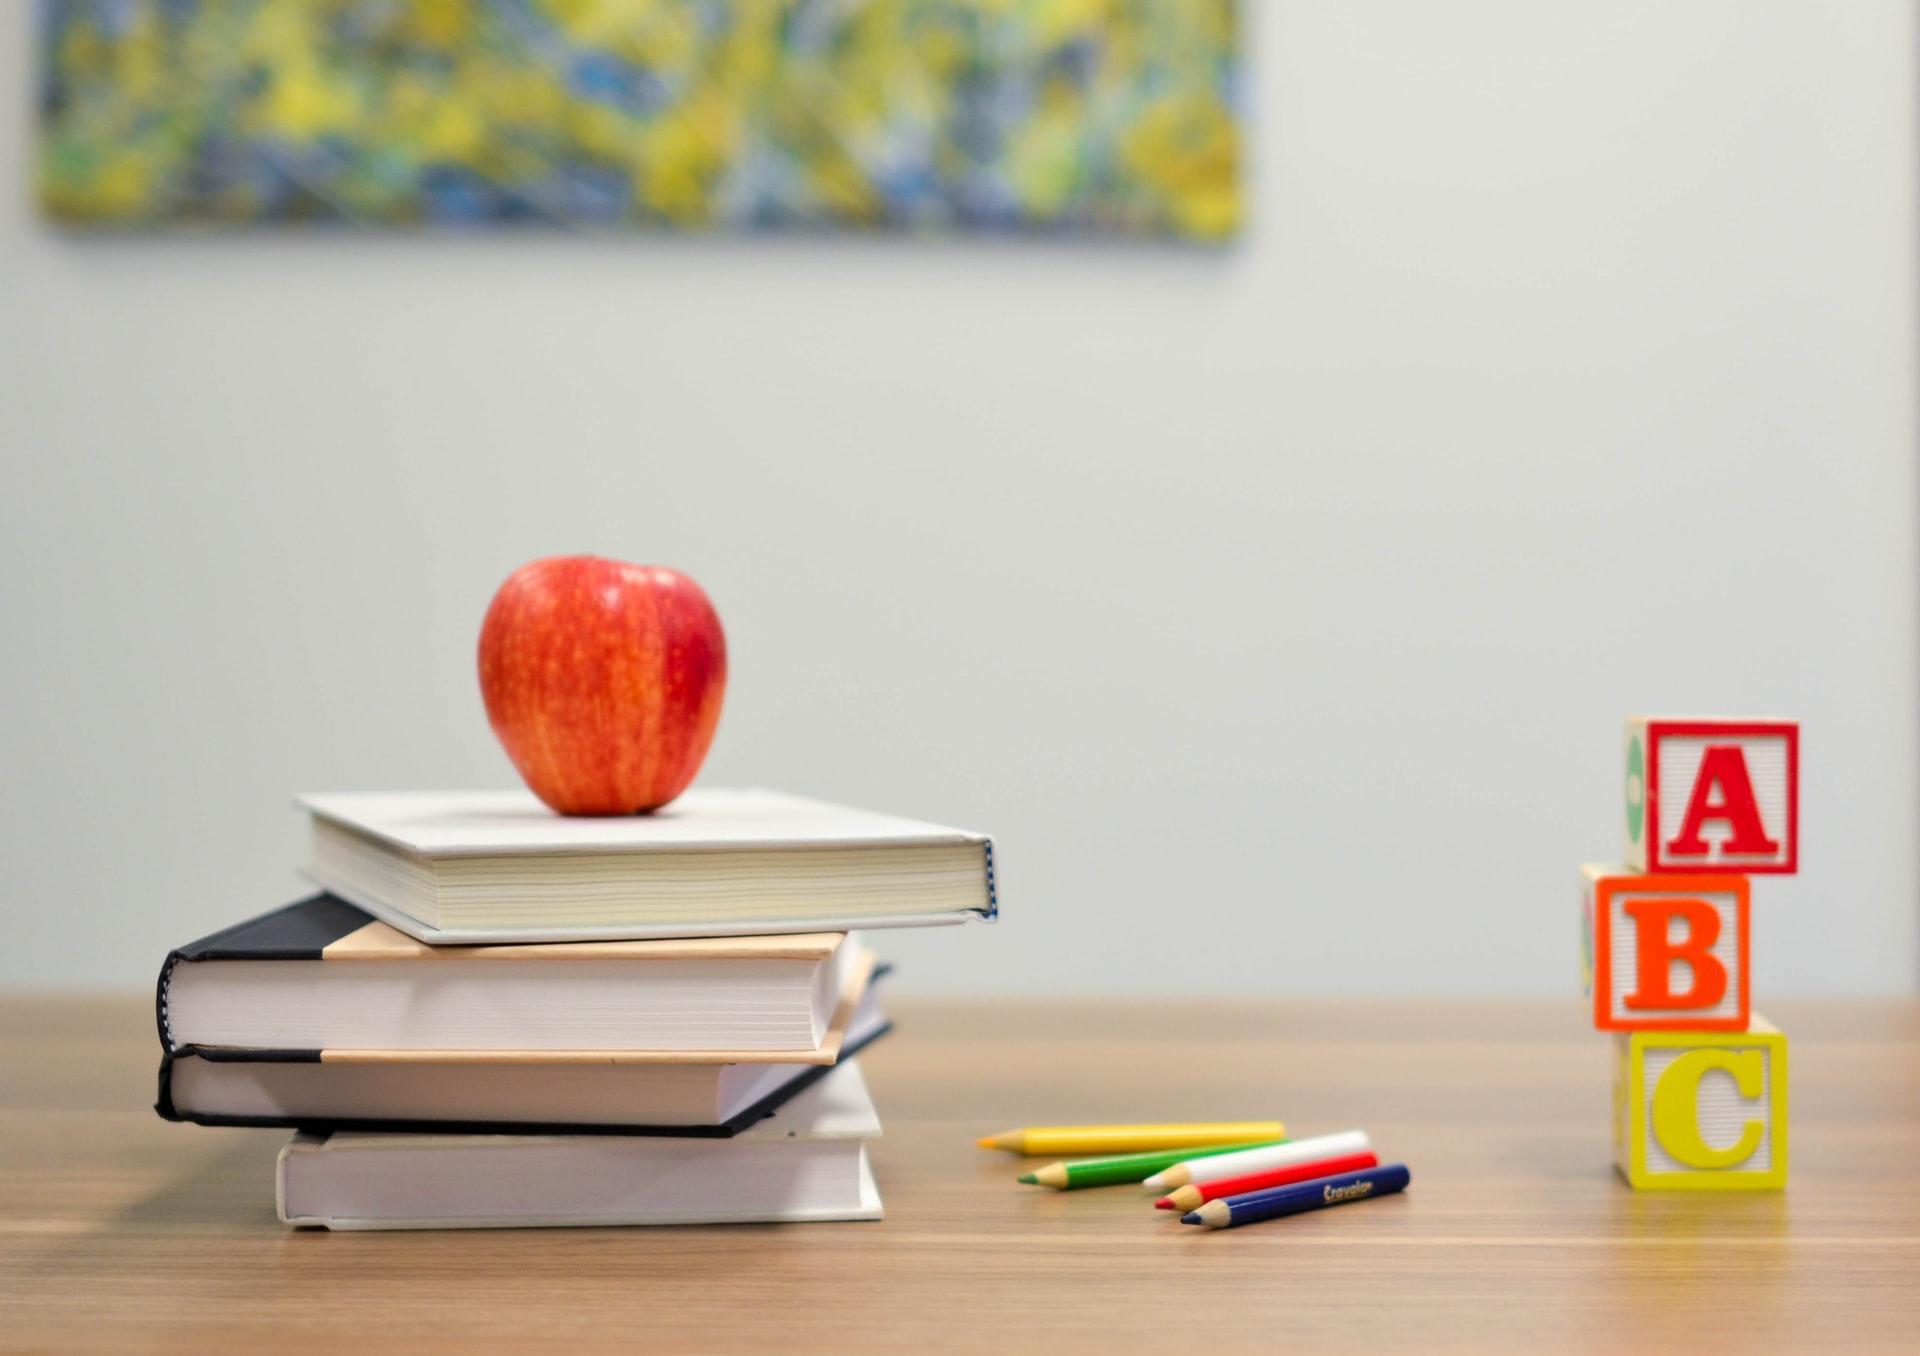 Außerhalb von Unterrichtsräumen besteht überall dort die Maskenpflicht, wo das Abstandshalten nicht möglich ist. Fotos: dpa